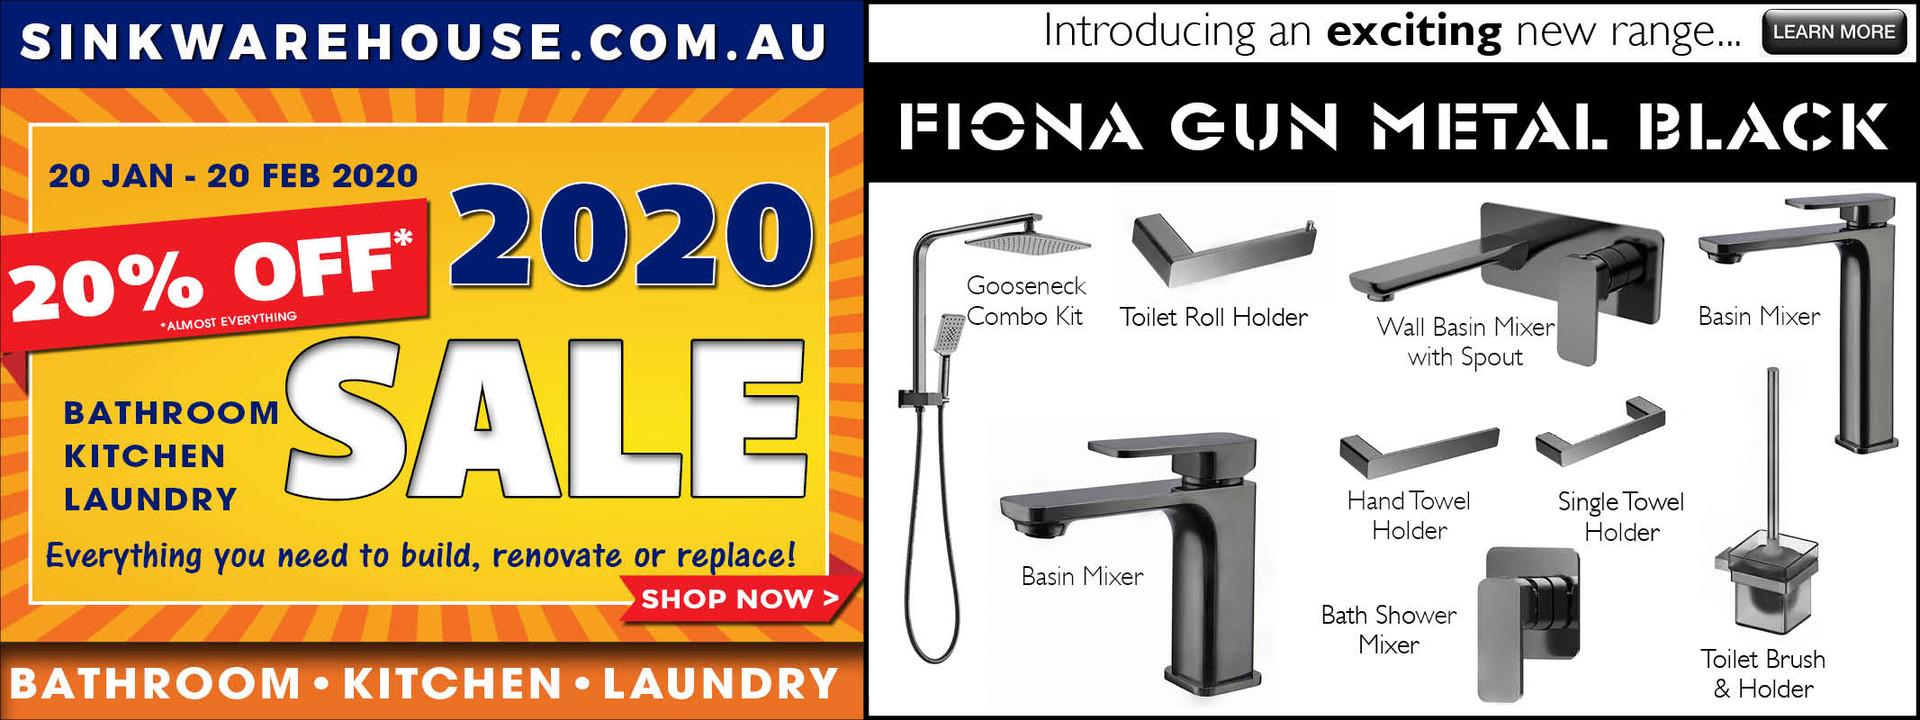 Fiona Gun Metal Black Range